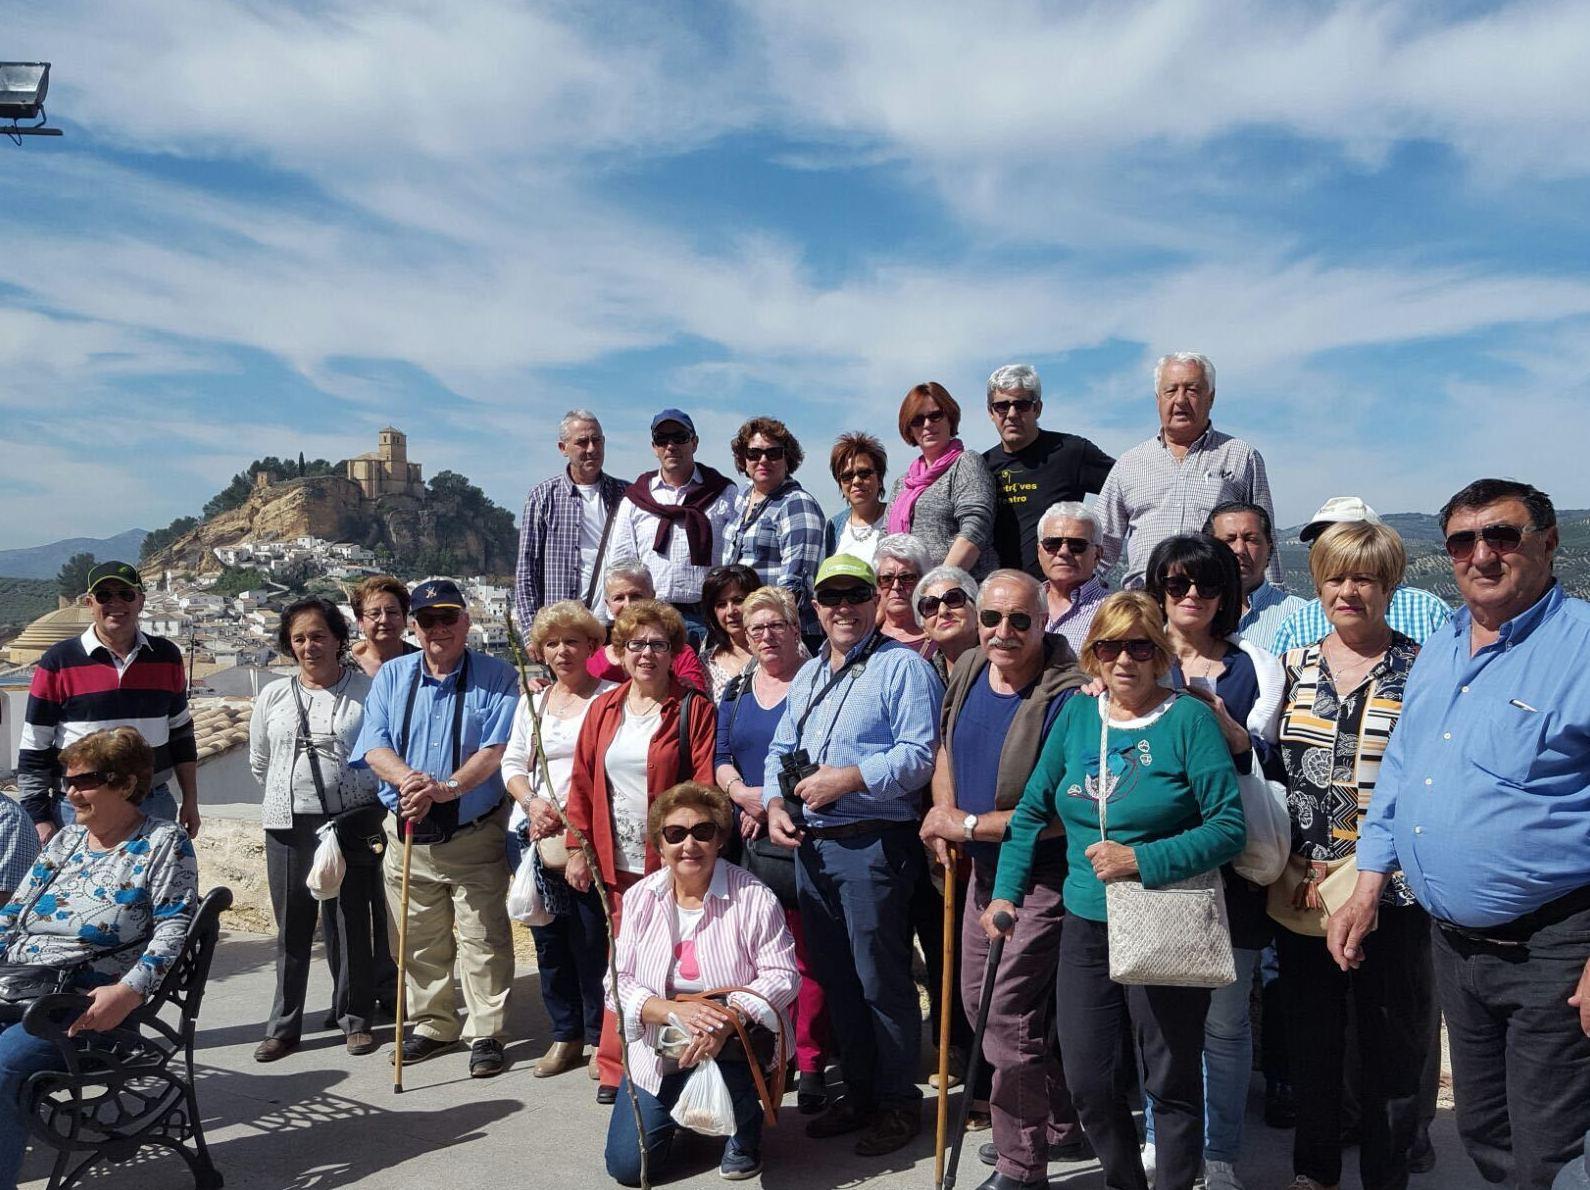 Mirador de la Placeta del Convento Rutas turísticas Montefrio